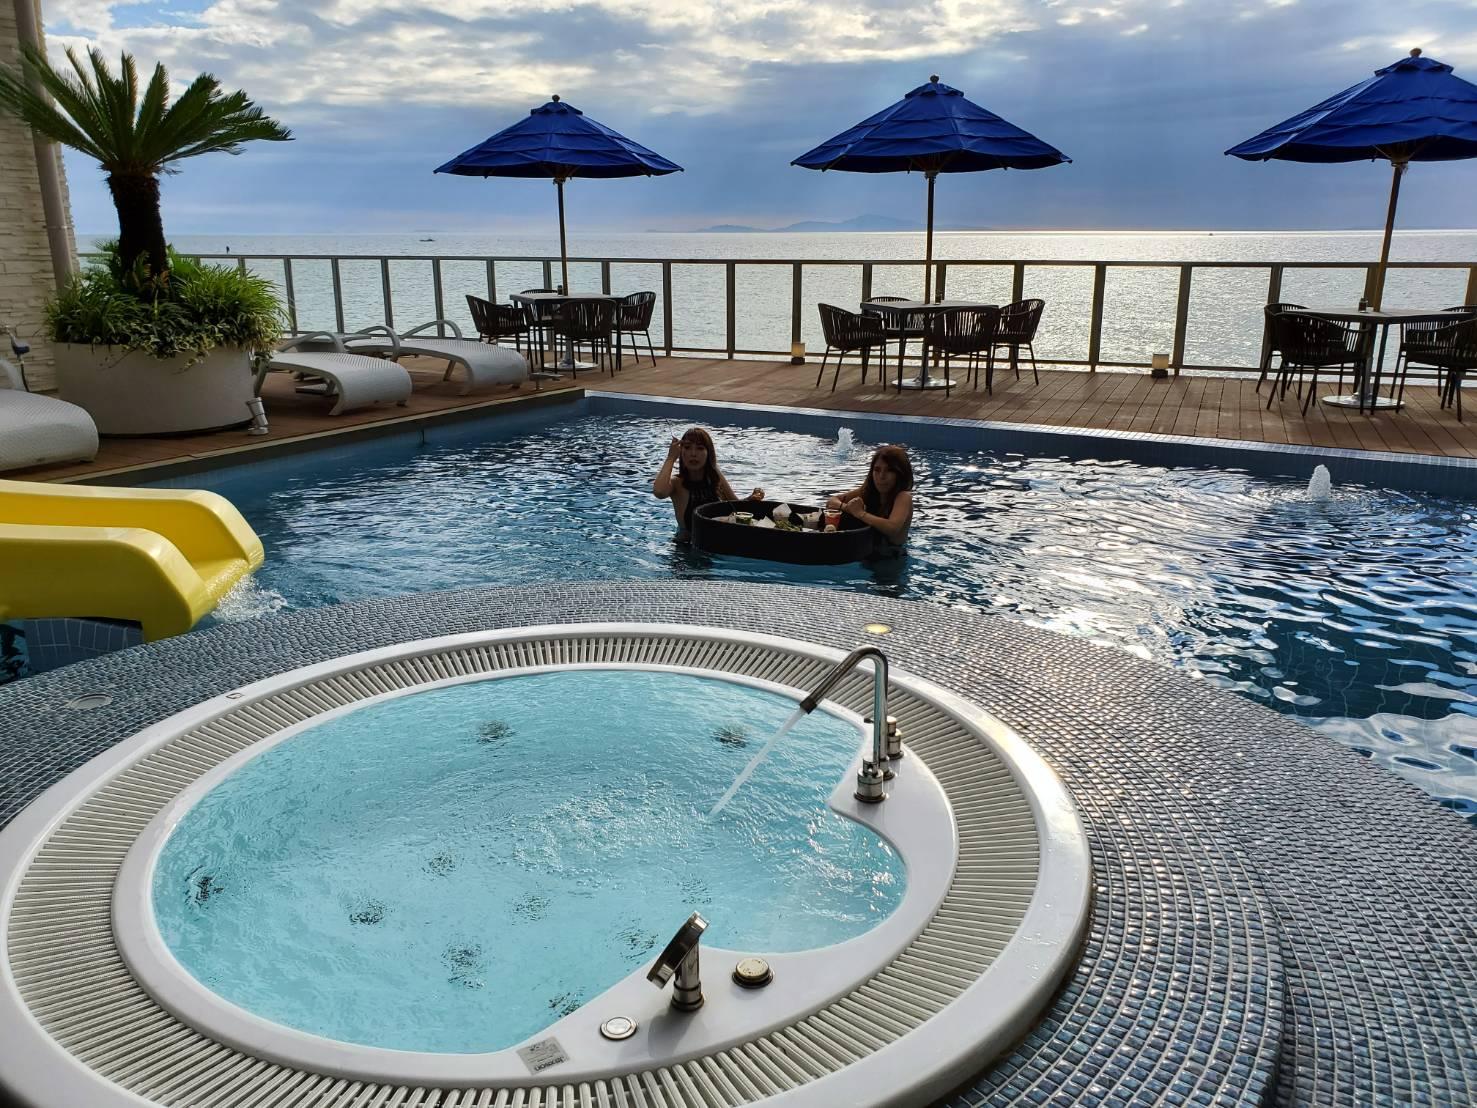 Awajishima Cafe提供度假飲品同時讓您享受泳池酒吧。